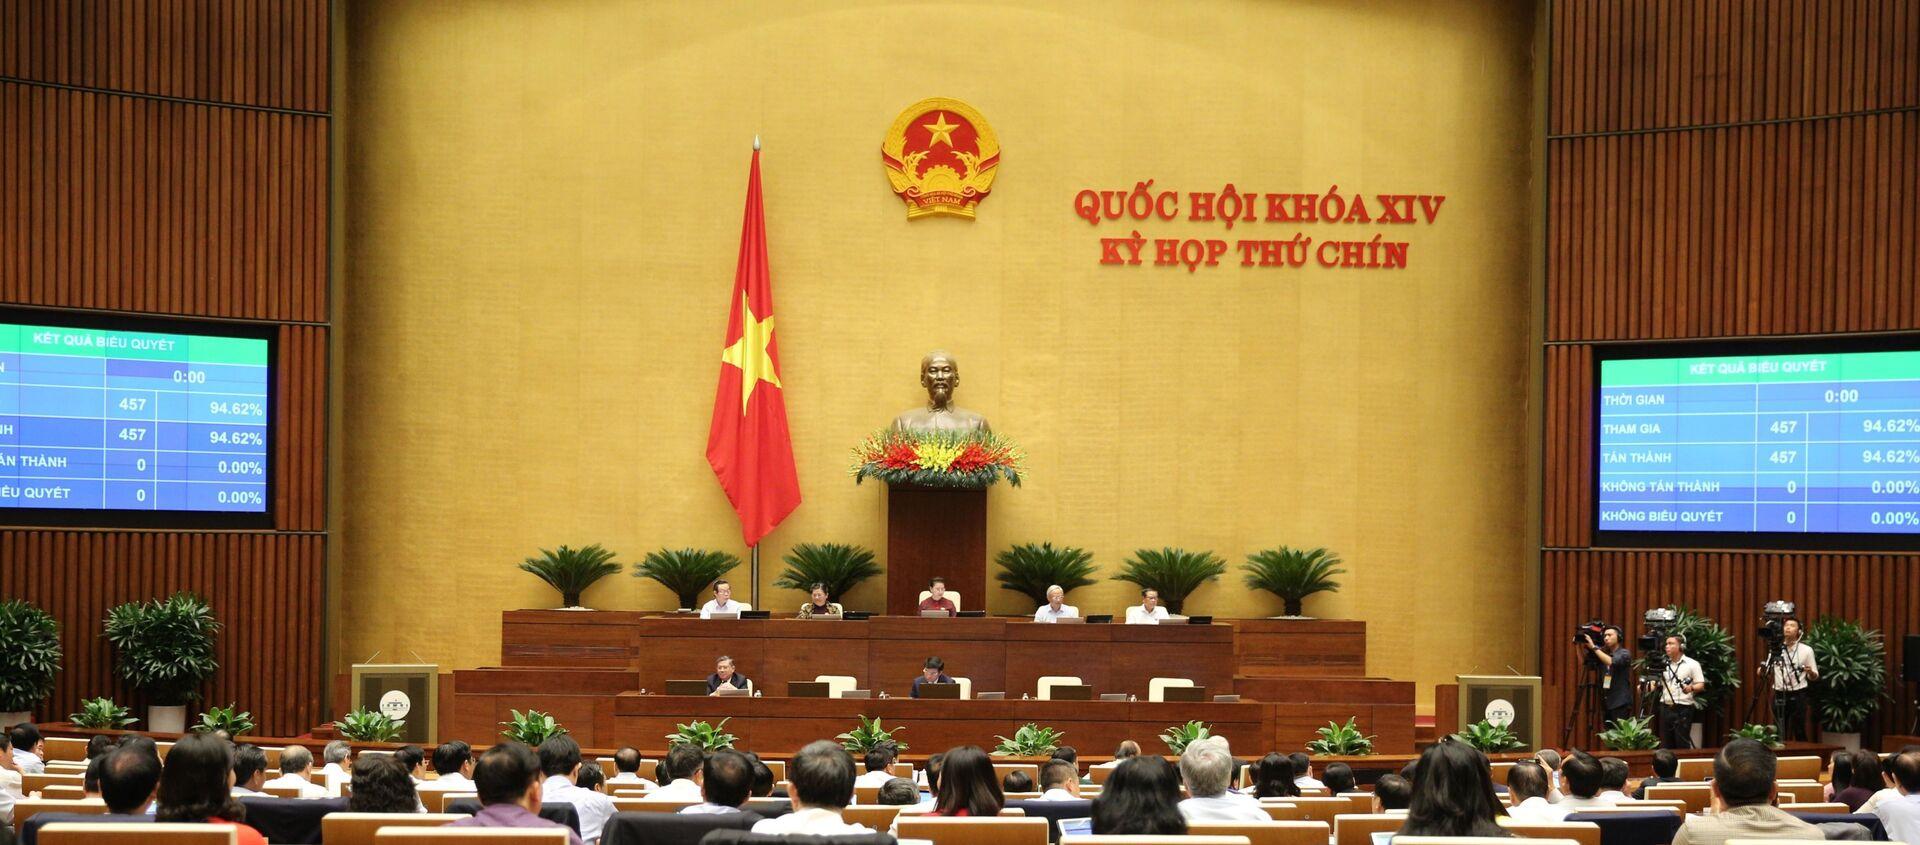 457/457 Đại biểu Quốc hội biểu quyết thông qua Nghị quyết phê chuẩn Hiệp định Thương mại Tự do giữa CHXHCN Việt Nam và Liên minh Châu Âu (EVFTA). - Sputnik Việt Nam, 1920, 08.06.2020